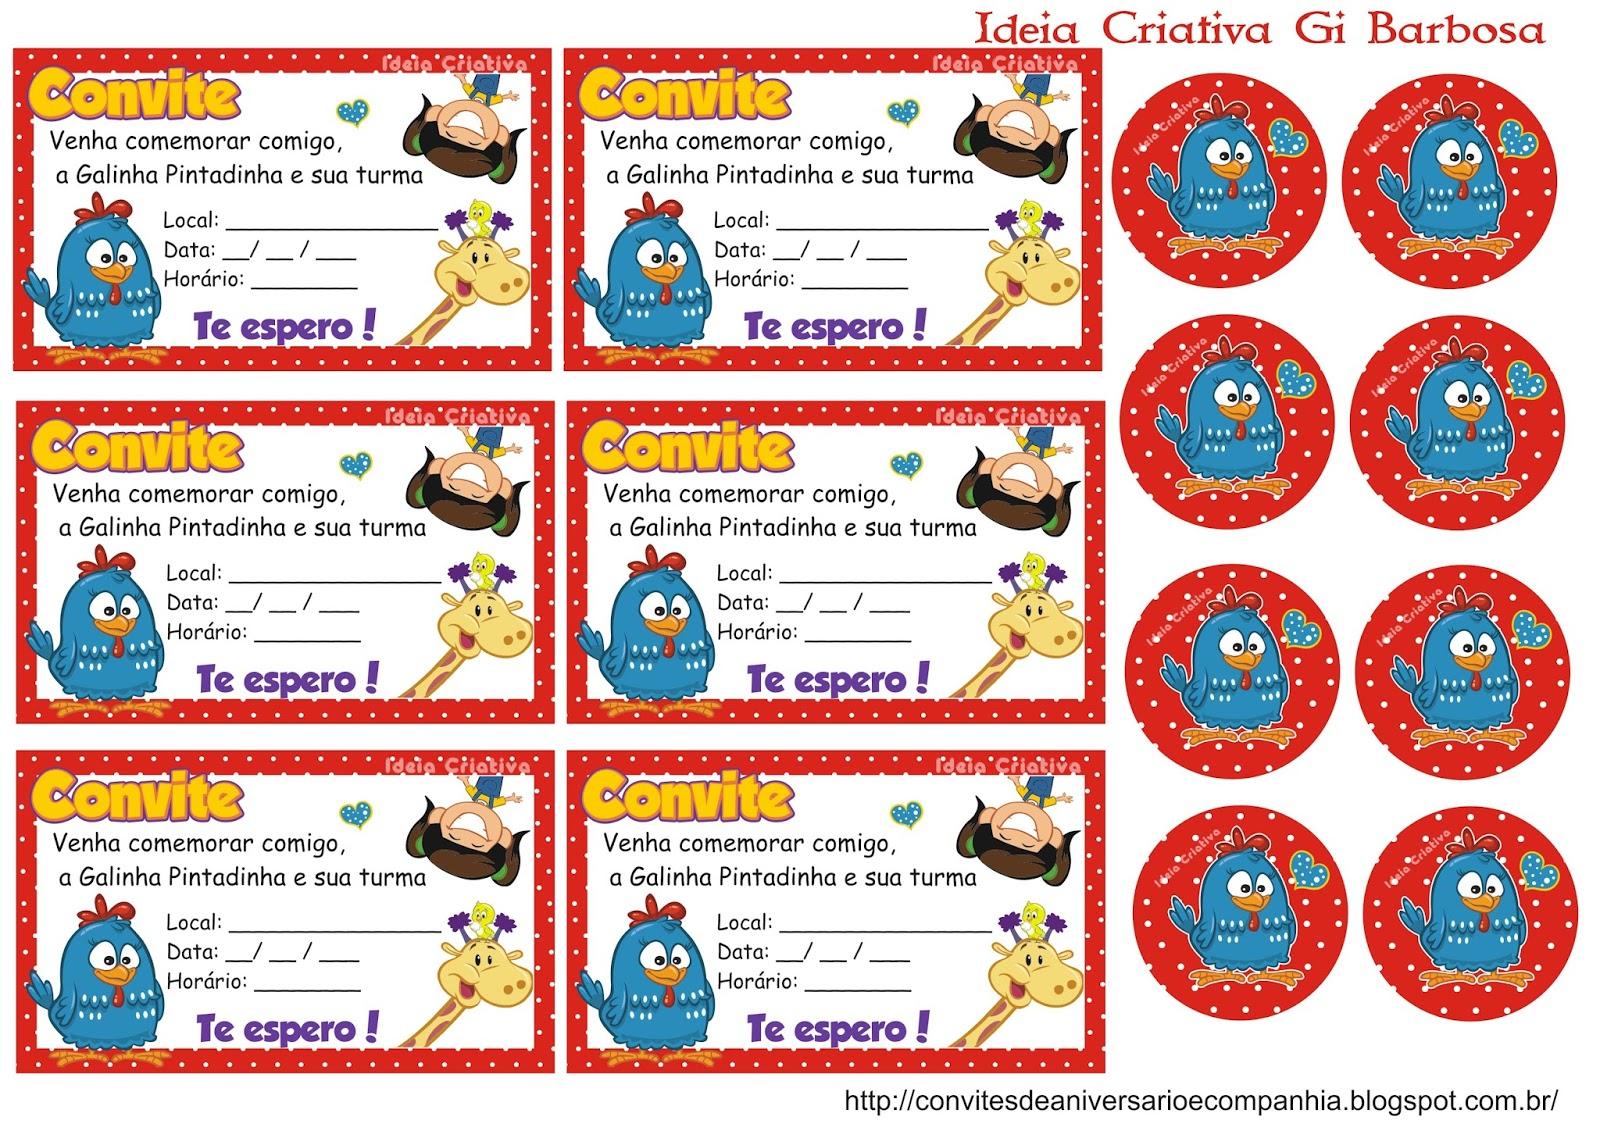 Convites de festa de aniversário infantil para imprimir